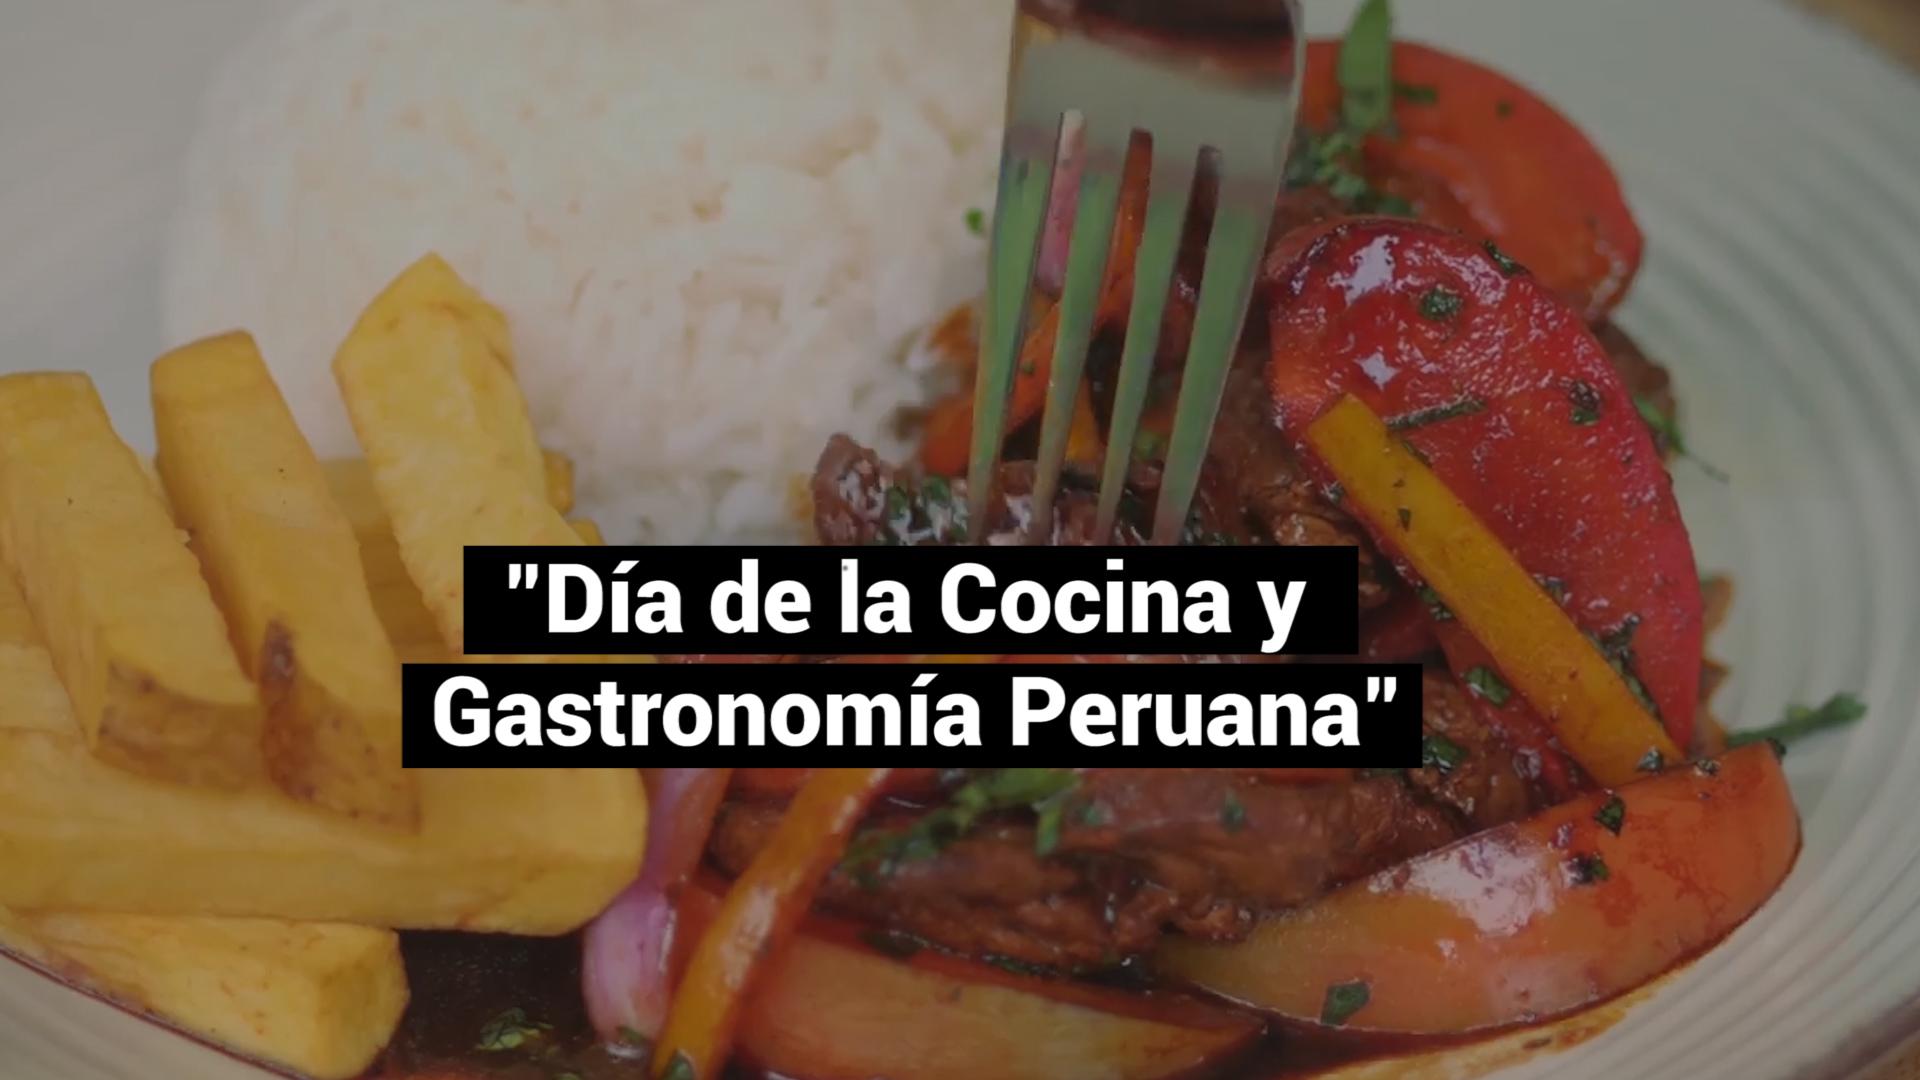 Razones para celebrar el Día de la Gastronomía Peruana